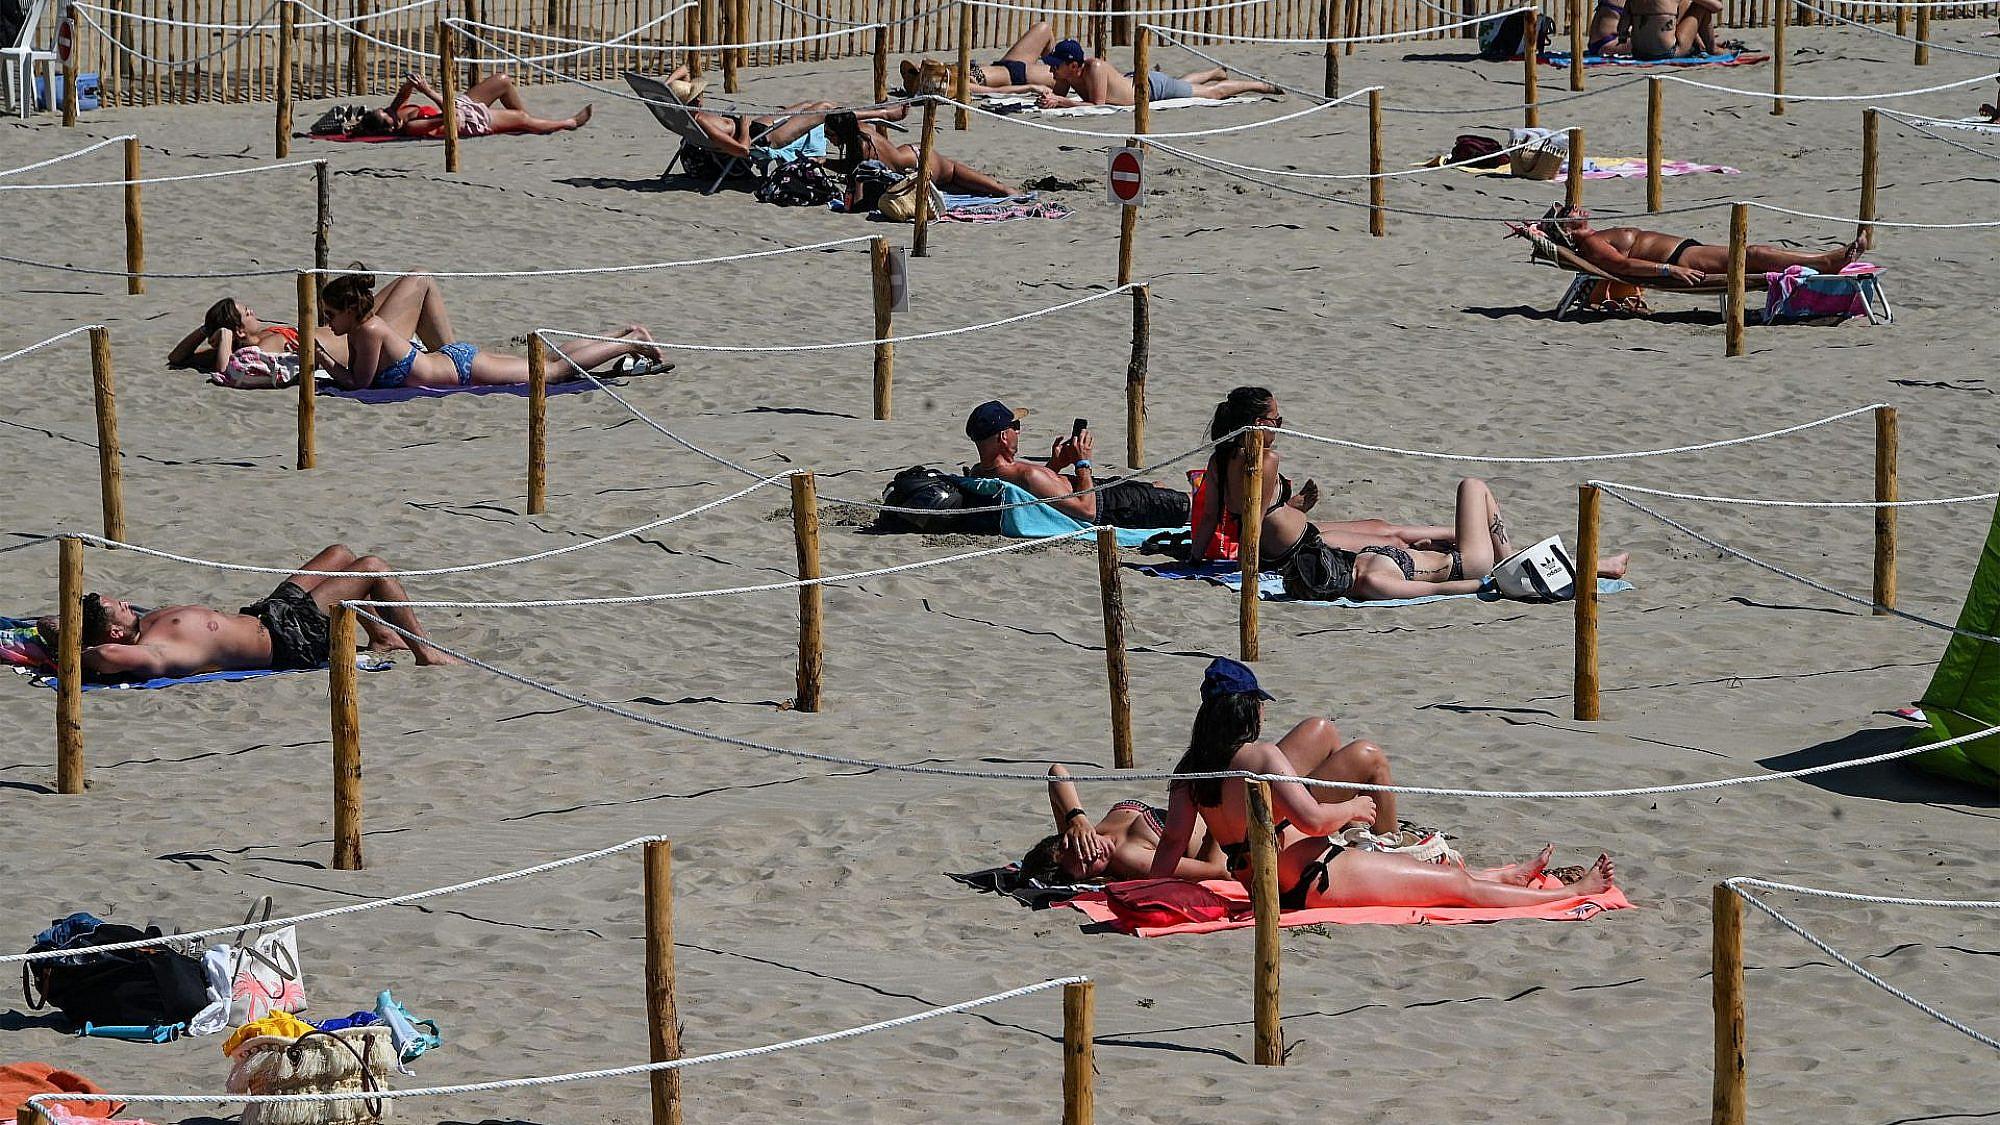 יאללה תנו קצת ספייס. סימונים לריחוק חברתי על החוף בצרפת (צילום: גטי אימג'ס)